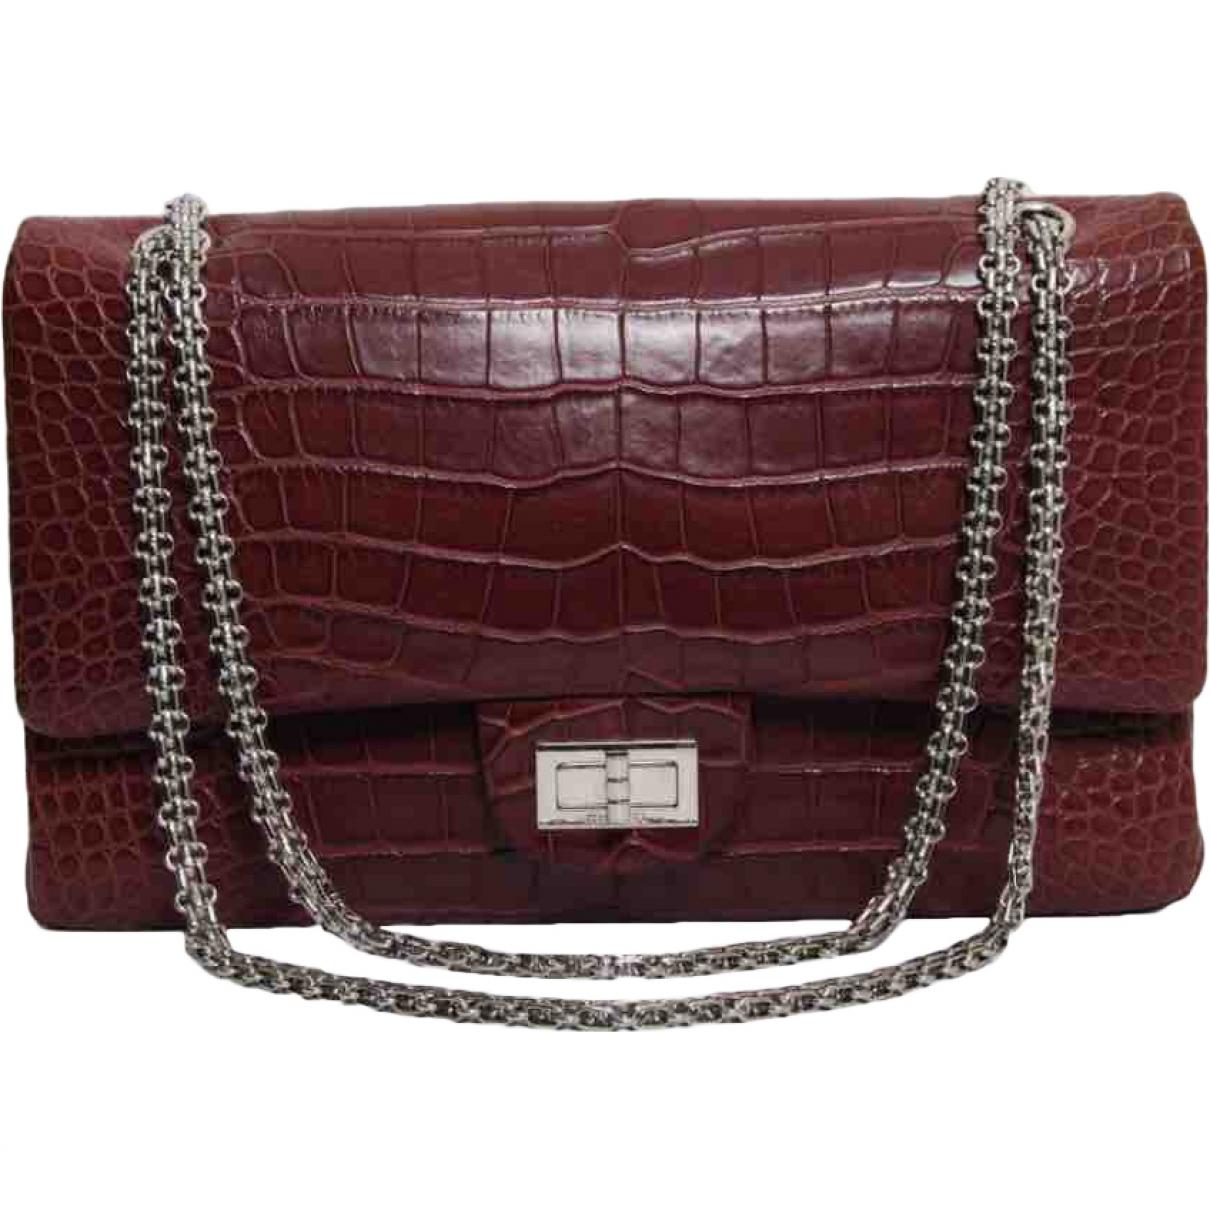 Chanel 2.55 Burgundy Alligator handbag for Women \N